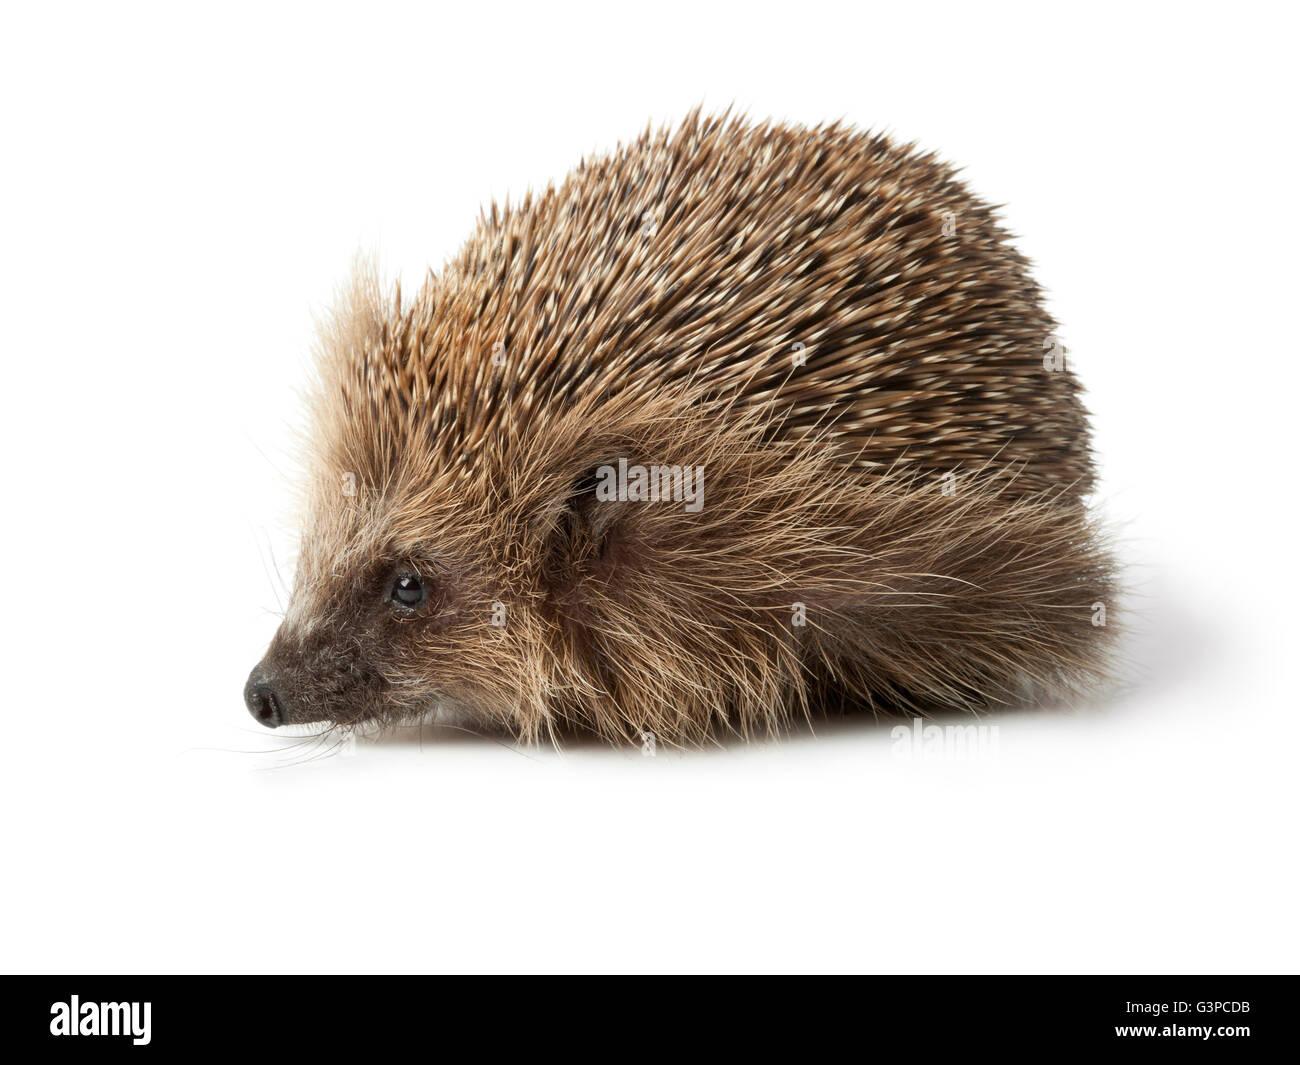 Single hedgehog on white background - Stock Image